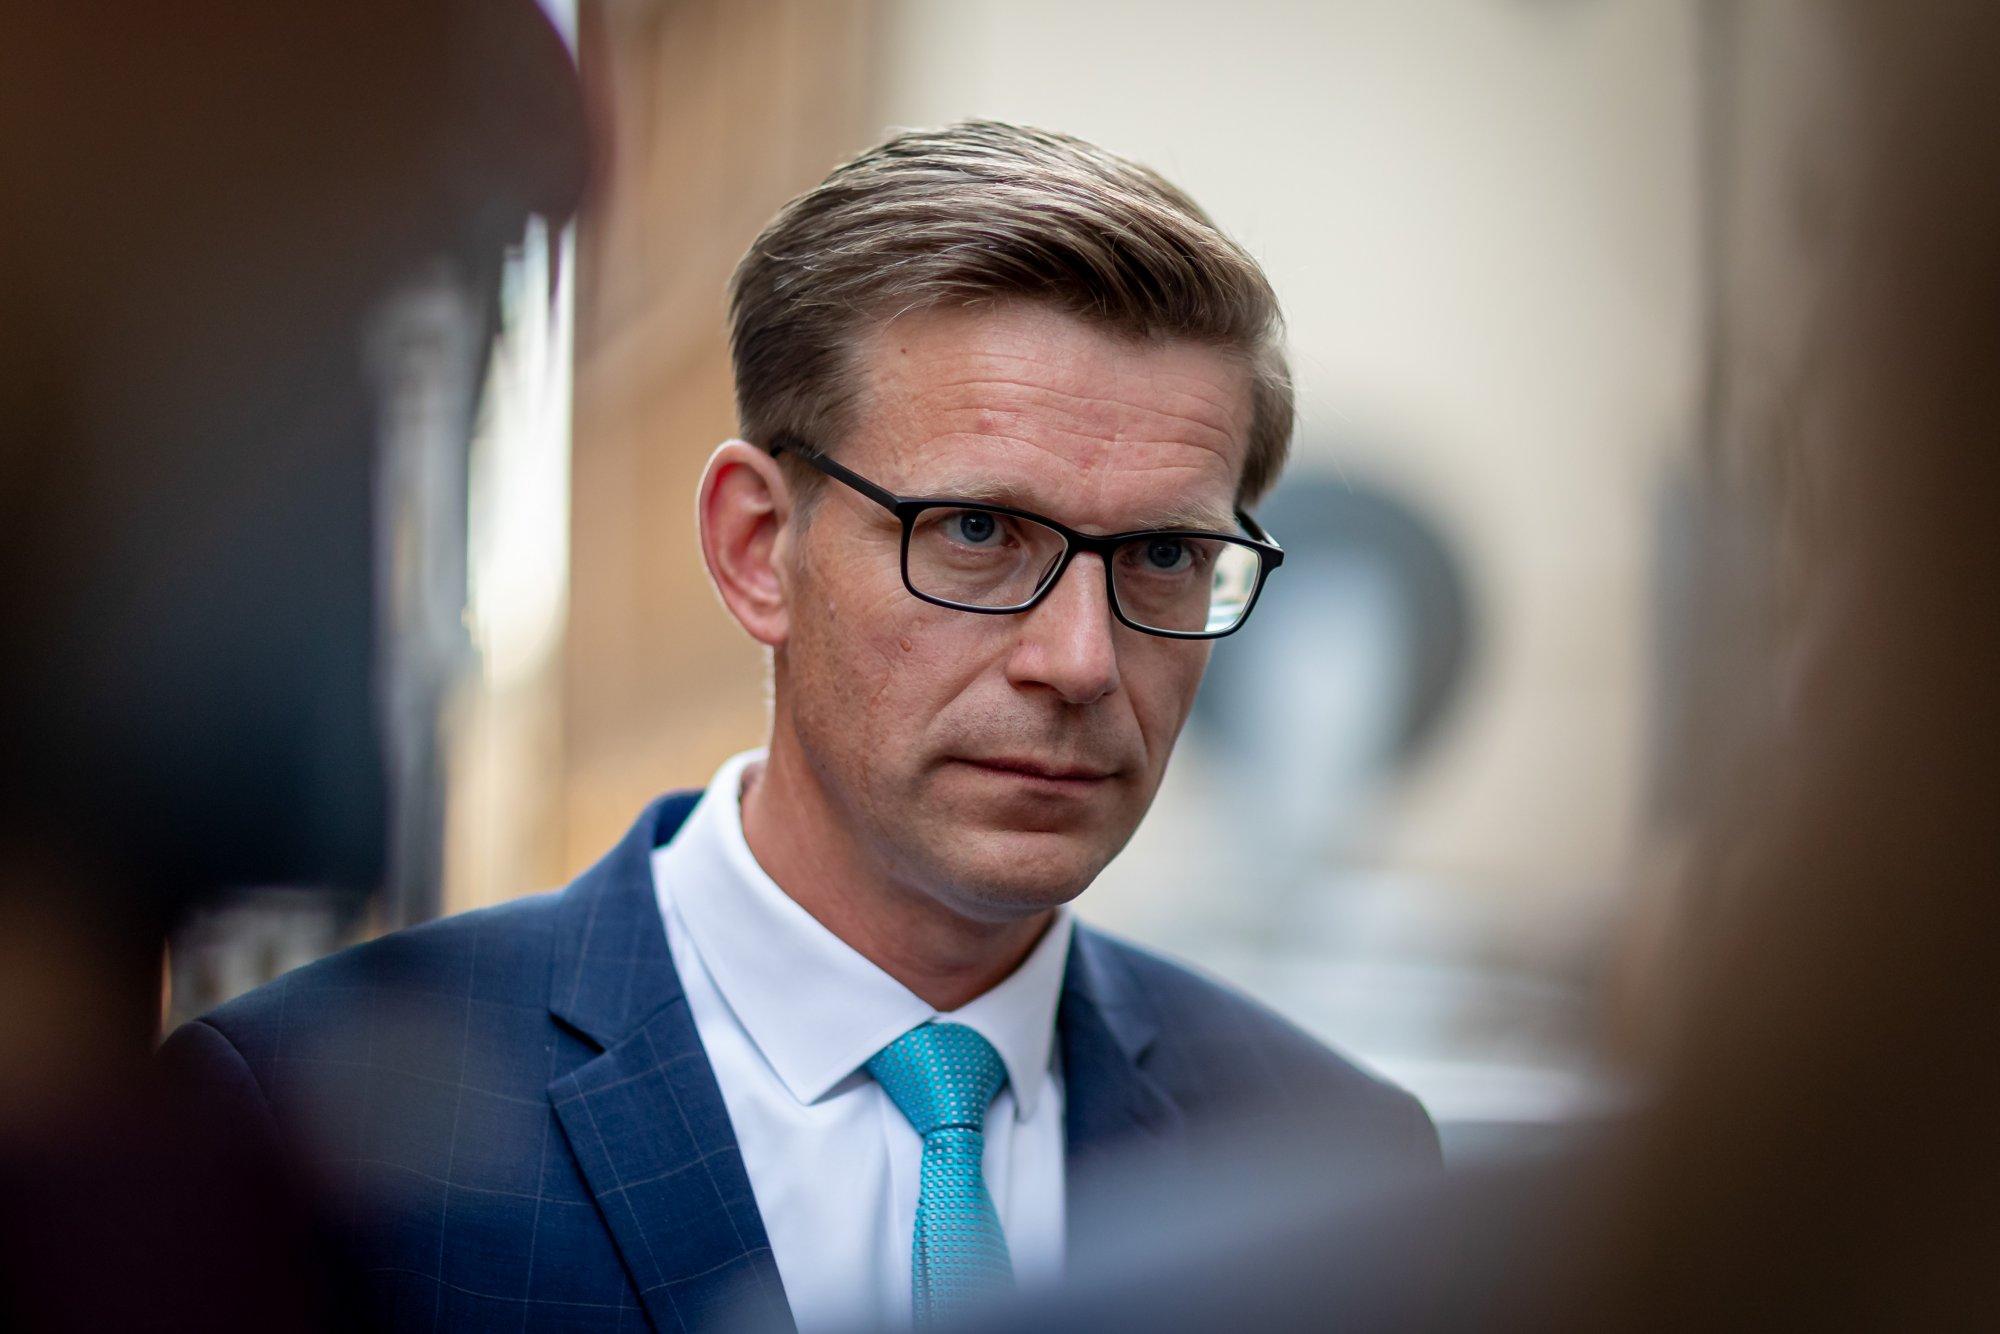 Kauz kolem ministra Arenbergera bylo dost, měl by odstoupit